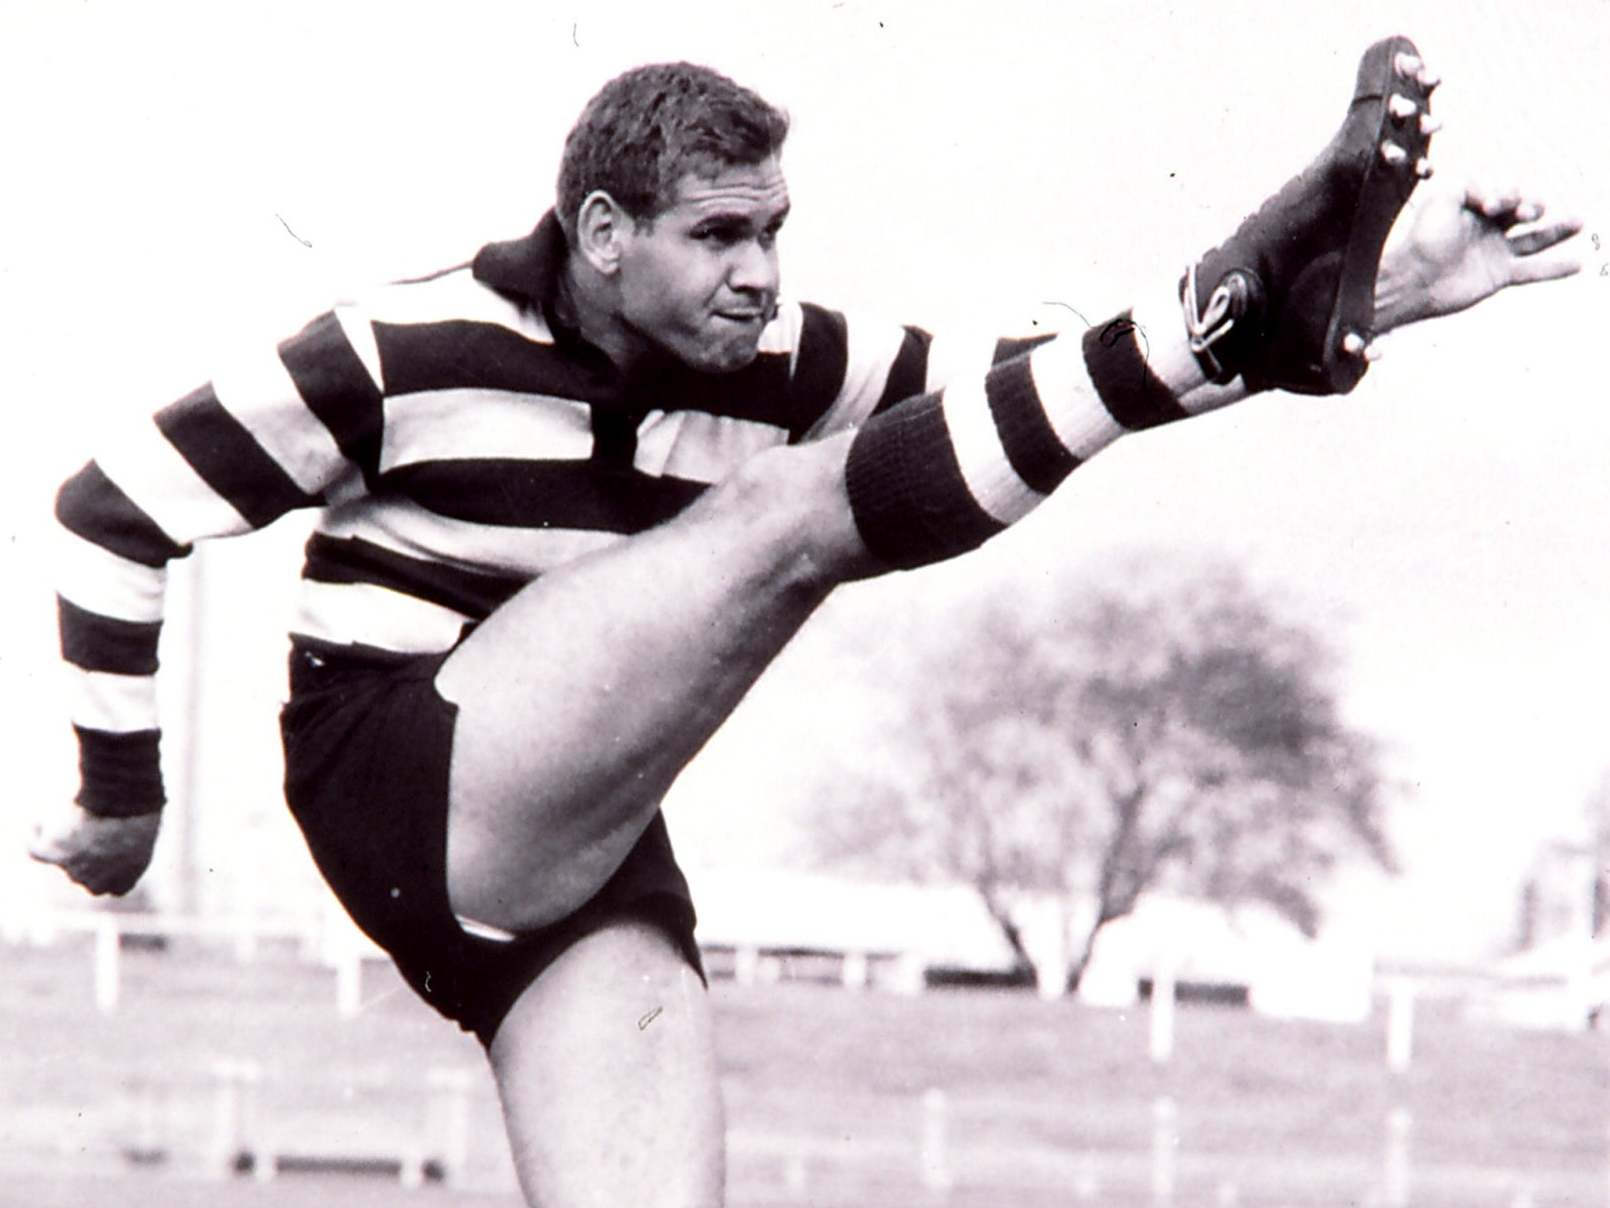 Graham 'Polly' Farmer: Australian football star who revolutionised the game